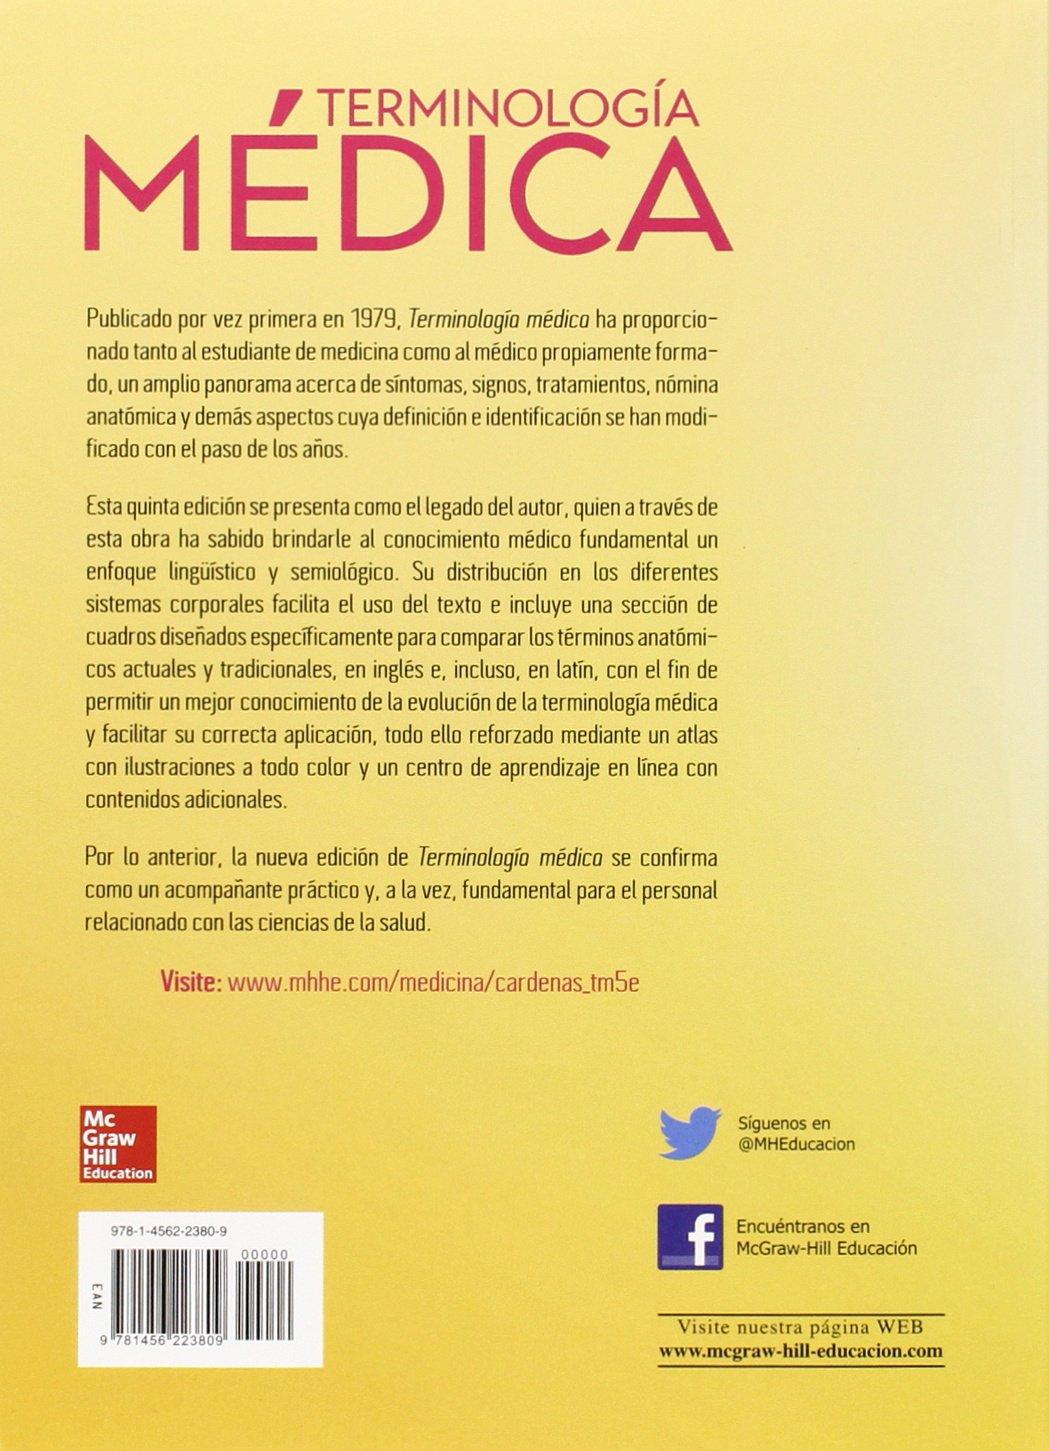 TERMINOLOGIA MEDICA / 5 ED.: ENRIQUE CARDENAS: 9781456223809: Amazon ...